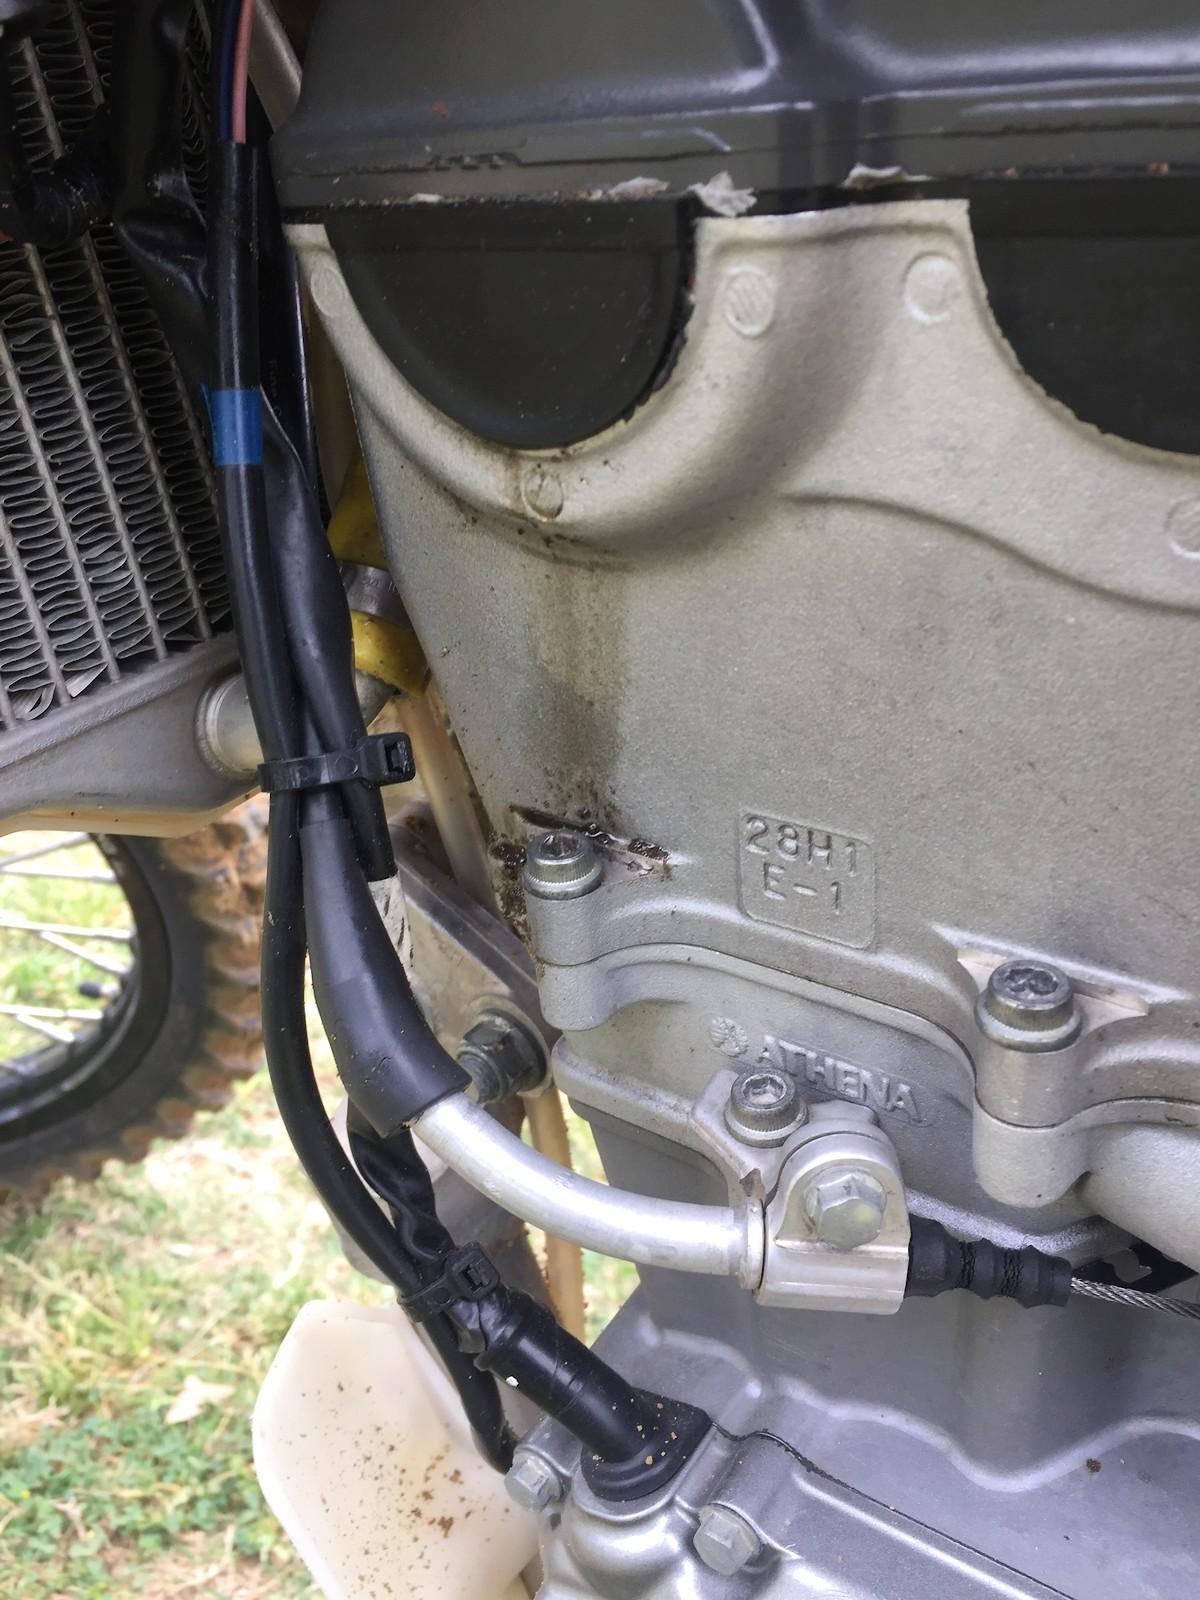 Oil leak? RMZ 450f - Tech Help/Race Shop - Motocross Forums